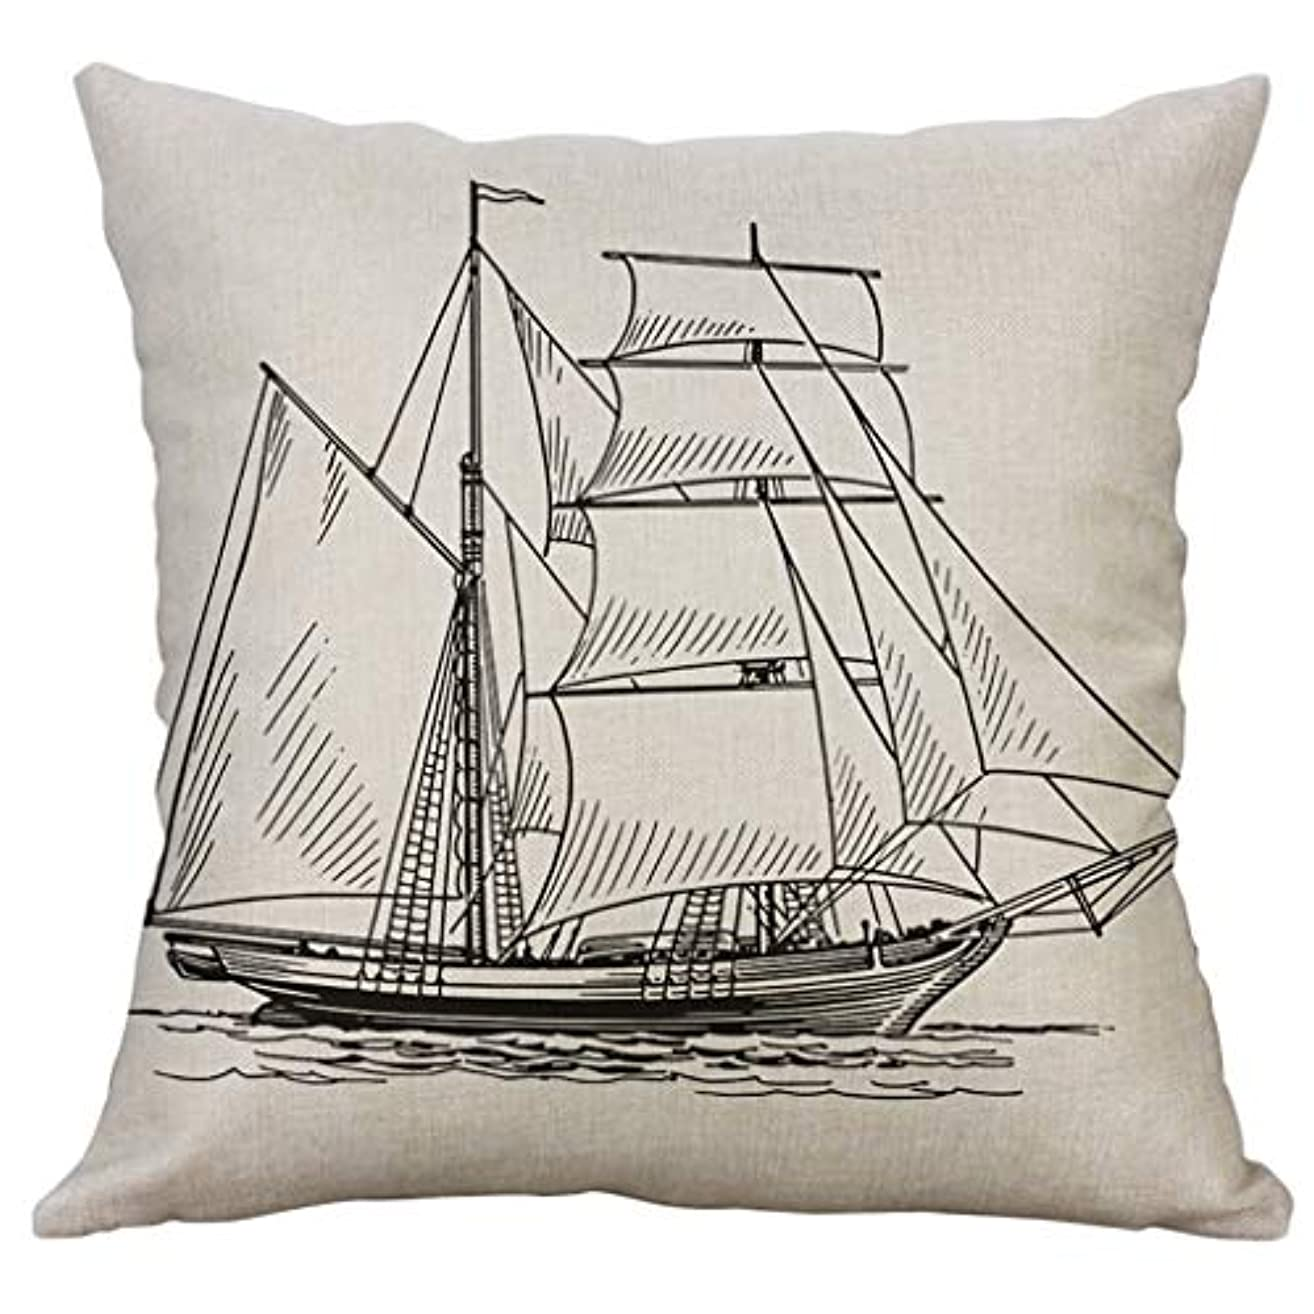 真珠のようなエッセイ切るSMART 高品質クッションシンプルなリネン創造素敵な枕家の装飾枕家の装飾 cojines decorativos パラ sofá クッション 椅子